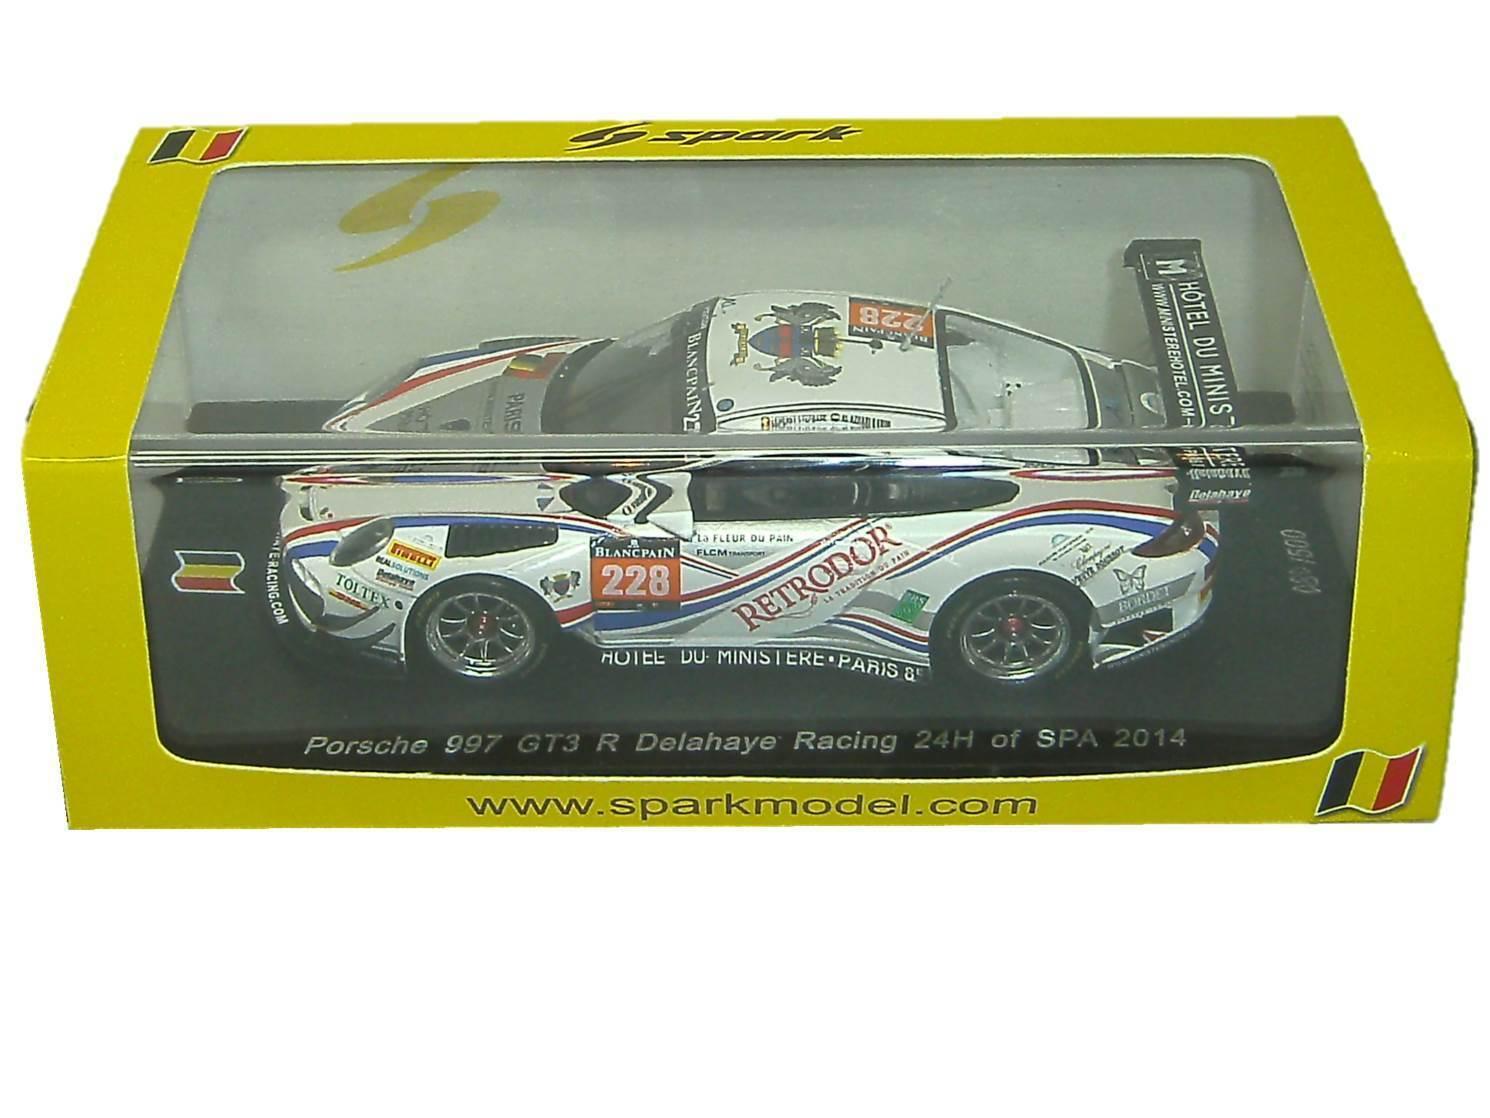 Porsche Porsche Porsche 997 gt3 R DELAHAYE Racing 24 h of Spa 2014 Spark 1:43 sb084 NEUF | Au Premier Rang Parmi Les Produits Similaires  359daf